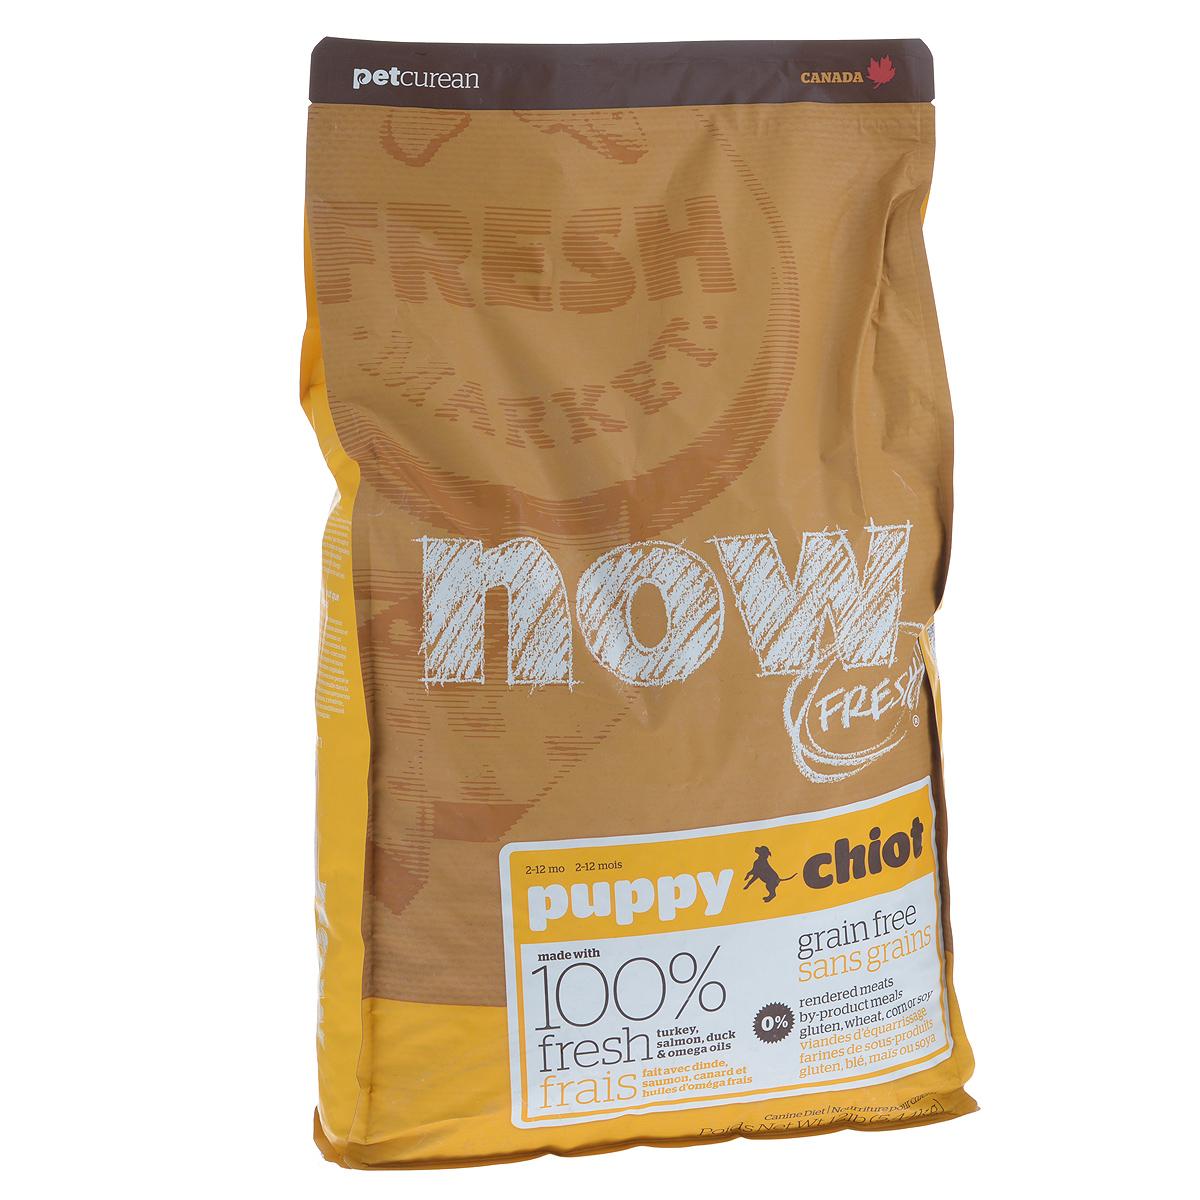 Корм сухой Now Fresh для щенков, беззерновой, с индейкой, уткой и овощами, 5,44 кг0120710Now Fresh - полностью сбалансированный холистик корм для щенков всех пород из филе индейки, утки и лосося.Это первый беззерновой корм со сбалансированным содержание белков и жиров.Ключевые преимущества: - не содержит субпродуктов, красителей, говядины, мясных ингредиентов, выращенных на гормонах, - омега-масла в составе необходимы для здоровой кожи и шерсти, - пробиотики и пребиотики обеспечивают здоровое пищеварение, - антиоксиданты укрепляют иммунную систему. Состав: филе индейки, картофель, горох, свежие цельные яйца, томаты, масло канолы (источник витамина Е), семена льна, натуральный ароматизатор, филе лосося, утиное филе, кокосовое масло (источник витамина Е), яблоки, морковь, тыква, бананы, черника, клюква, малина, ежевика, папайя, ананас, грейпфрут, чечевица, брокколи, шпинат, творог, ростки люцерны, дикальций фосфат, люцерна, карбонат кальция, фосфорная кислота, натрия хлорид, лецитин, хлорид калия, DL-метионин, таурин, витамины (витамин Е, L-аскорбил-2-полифосфатов (источник витамина С), никотиновая кислота, инозит, витамин А, тиамин, амононитрат, пантотенат D-кальция, пиридоксинагидрохлорид, рибофлавин, бета-каротин, витамин D3, фолиевая кислота, биотин, витаминВ12), минералы (протеинат цинка, сульфат железа, оксид цинка, протеинат железа, сульфат меди, протеинат меди, протеинат марганца, оксид марганца, йодат кальция, селенит натрия), сушеные водоросли, L-лизин, сухой корень цикория, Lactobacillus, Enterococcusfaecium, Aspergillus, экстракт Юкки Шидигера, L-карнитин, ноготки, сушеный розмарин. Гарантированный анализ: белки - 28%, жиры - 18%, клетчатка - 3%, влажность - 10%, кальций - 1,2%, фосфор - 0,8%, докозагексаеновая кислота (DHA) - 0,02%, эйкозапентаеновая кислота (EPA) - 0,02%, жирные кислоты Омега 6 - 2,7%, жирные кислоты Омега 3 - 0,54%, лактобактерии (Lactobacillus acidophilus, Enterococcus faecium) - 90000000 cfu/lb. Калорийность: 3746 ккал/кг.Вес: 5,44 кг